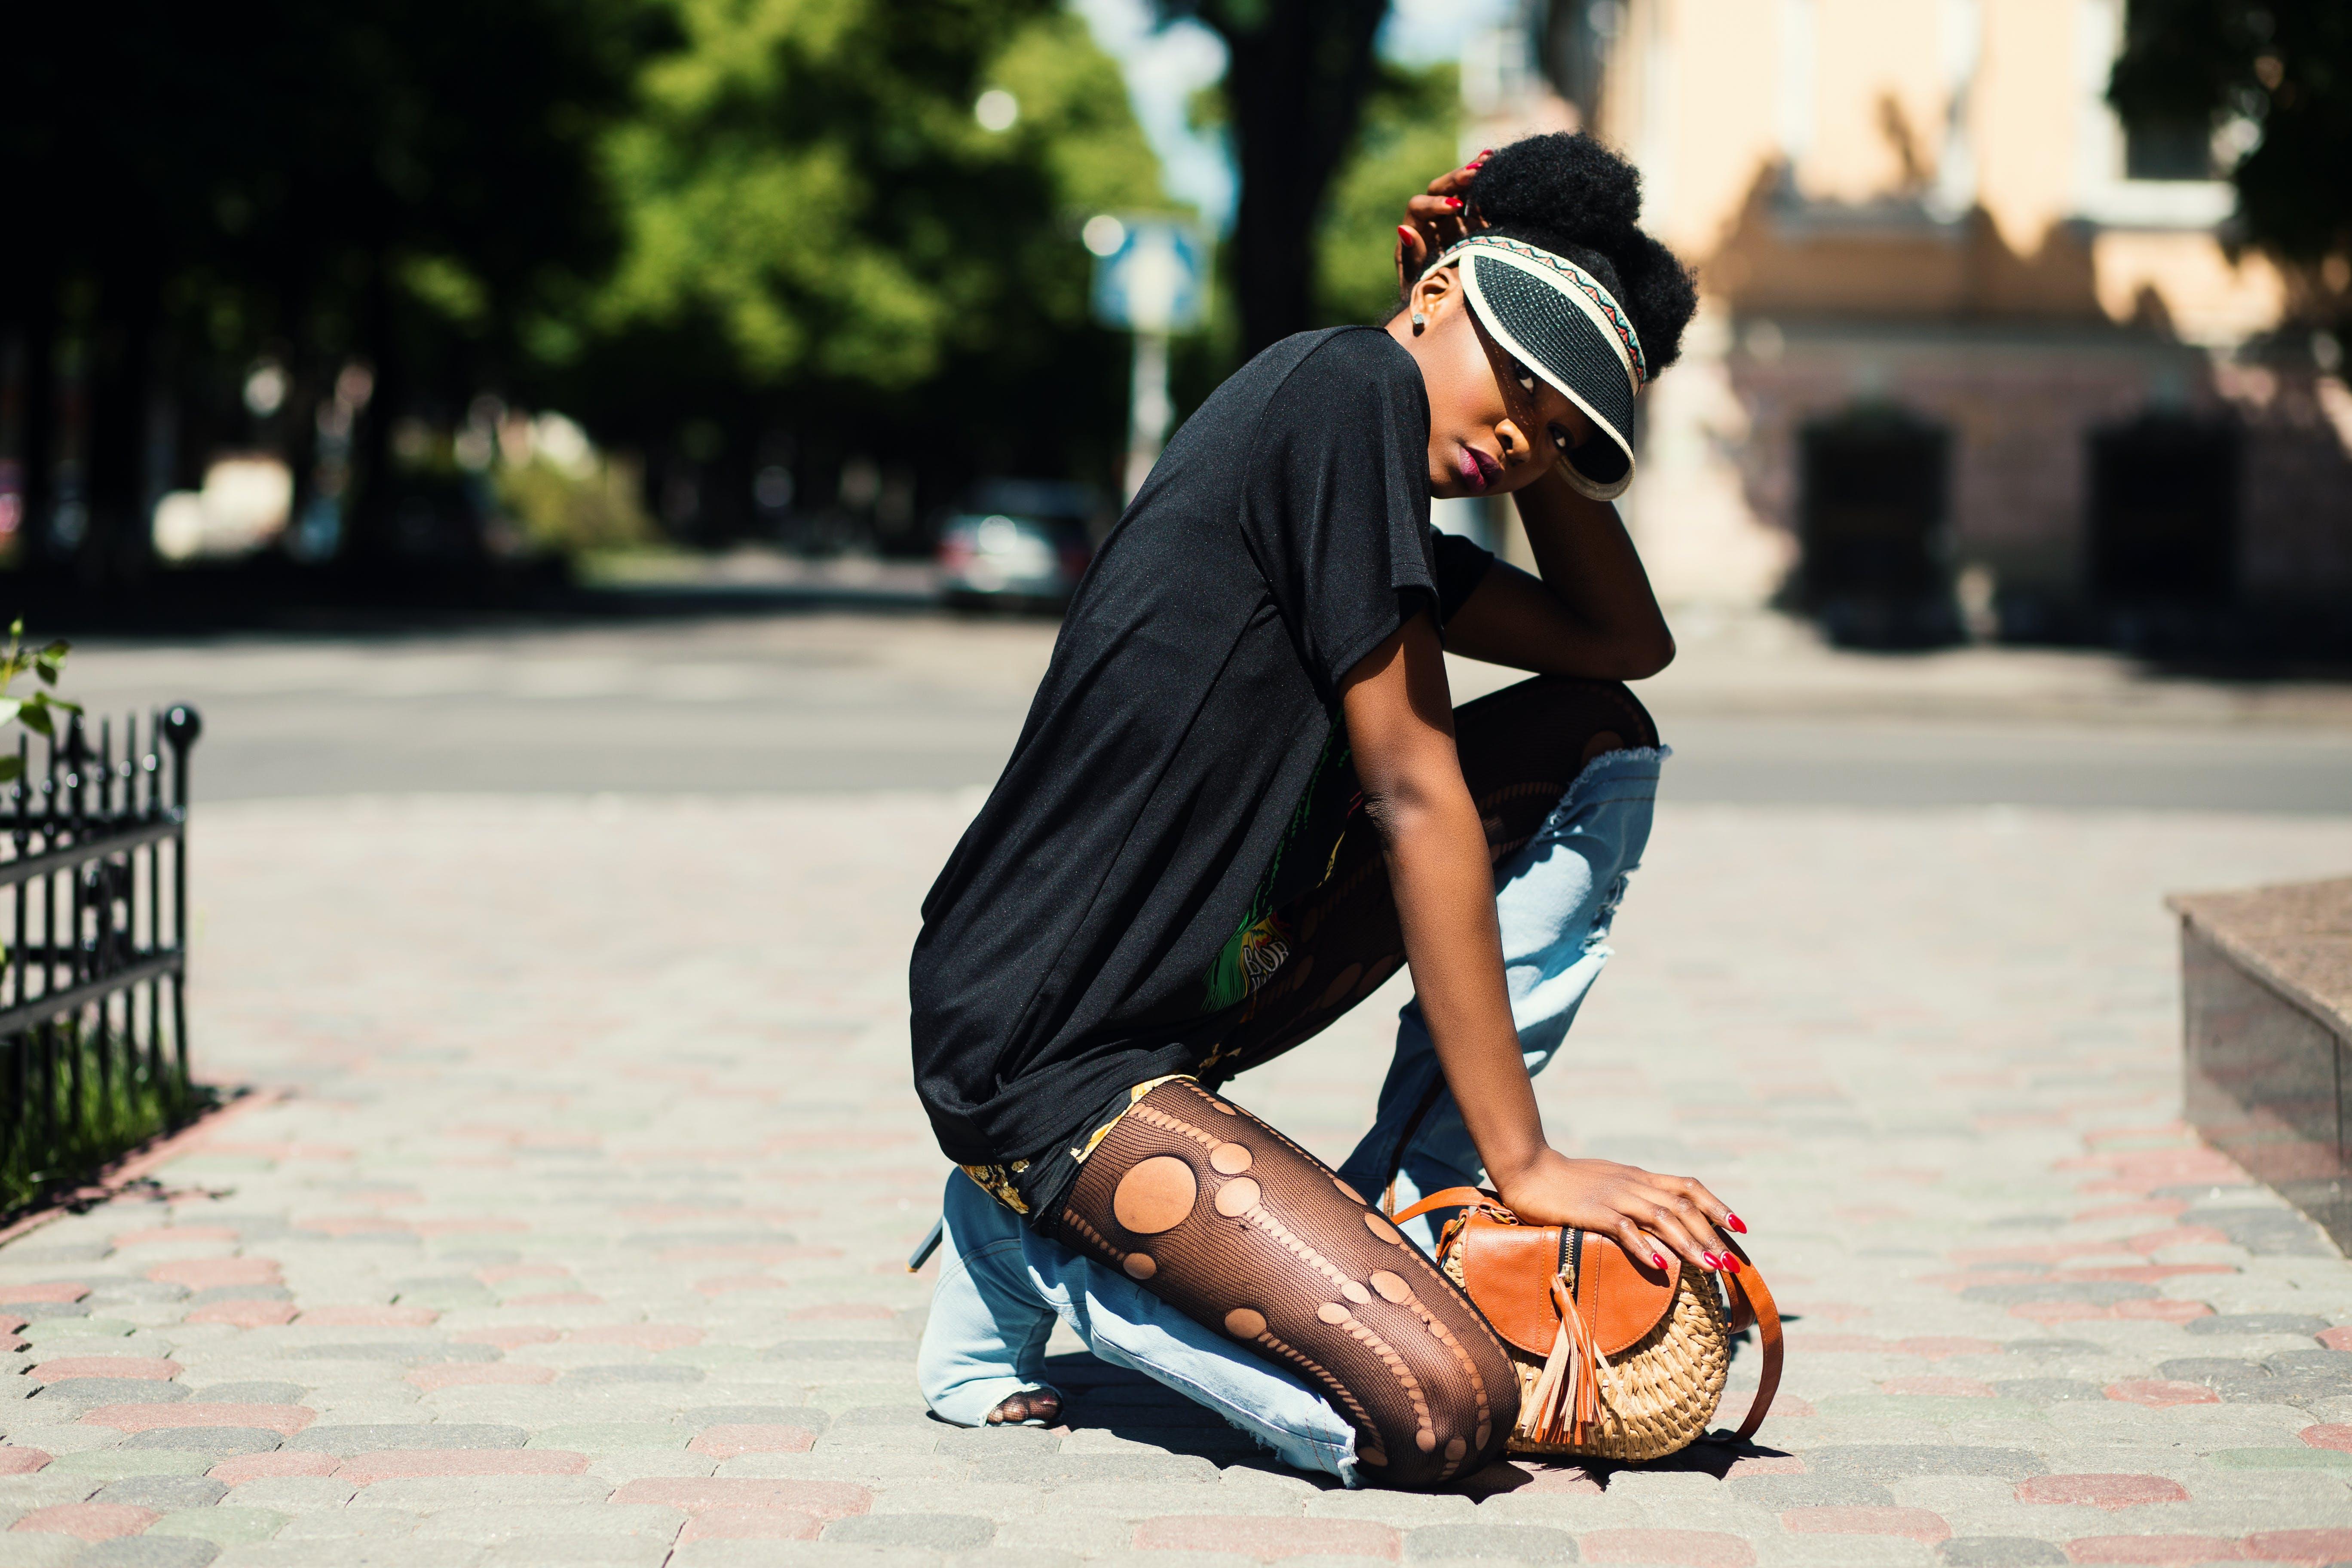 Woman Wearing Black T-shirt Kneeling on Ground